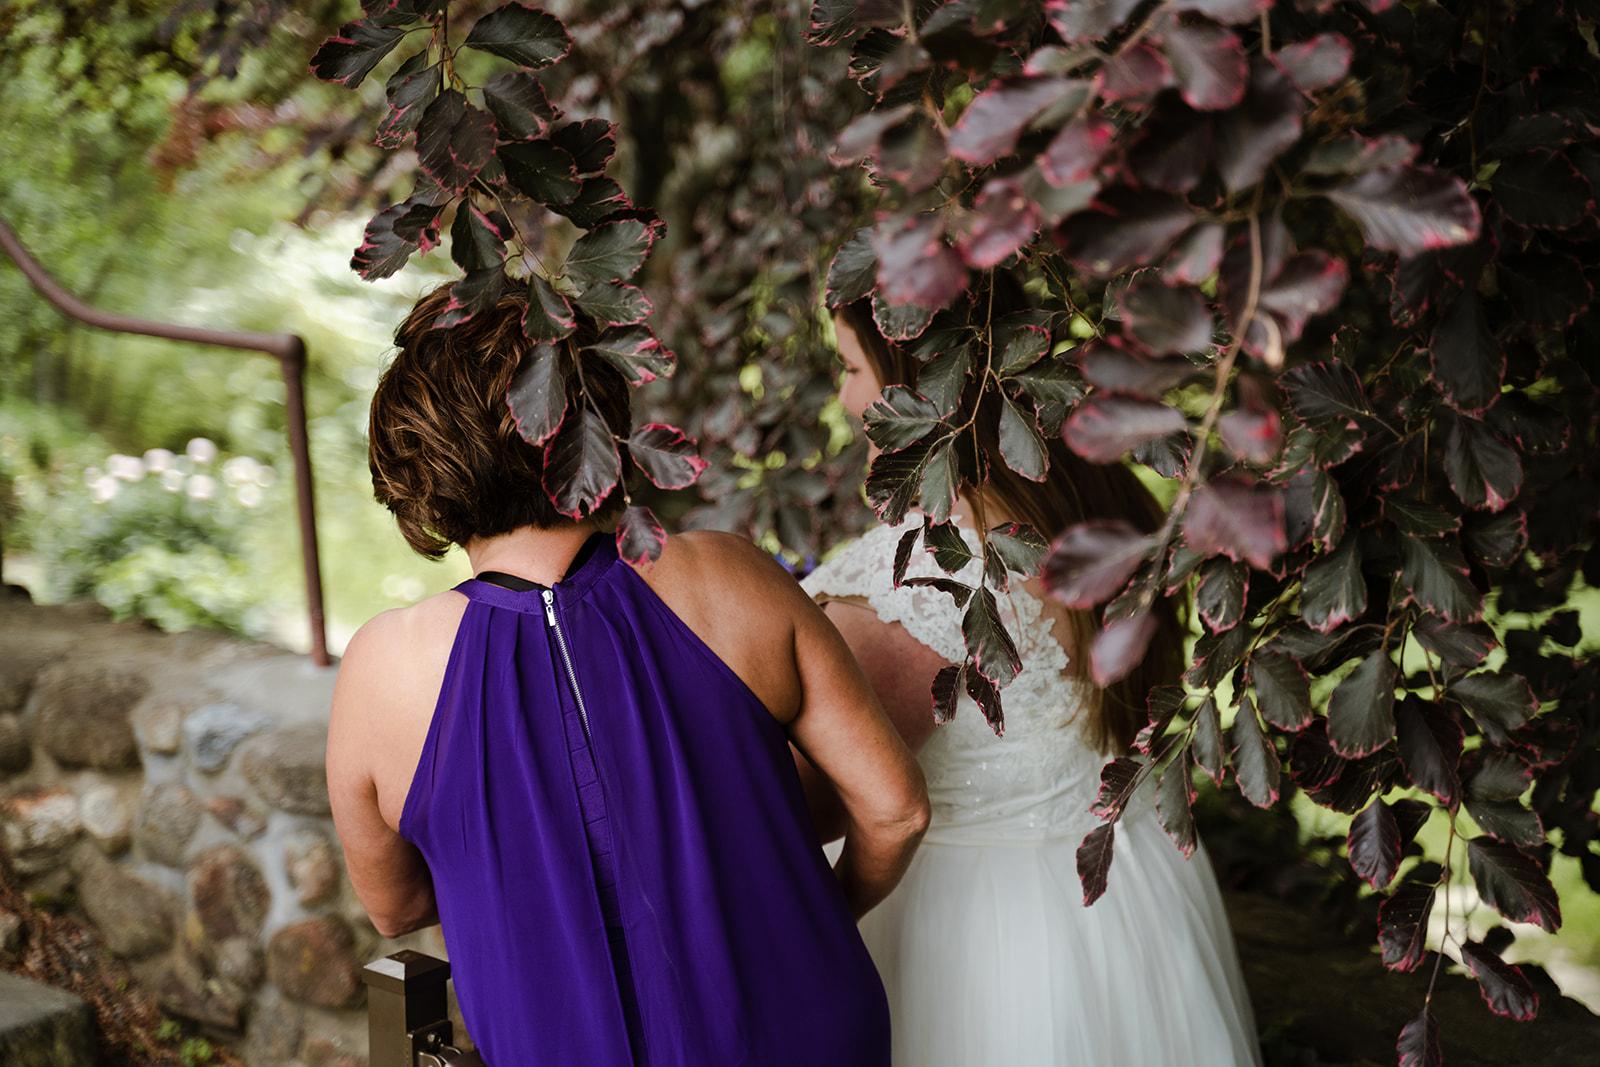 coastal wedding plus size couple rockland maine vesper hill childrens chapel 24